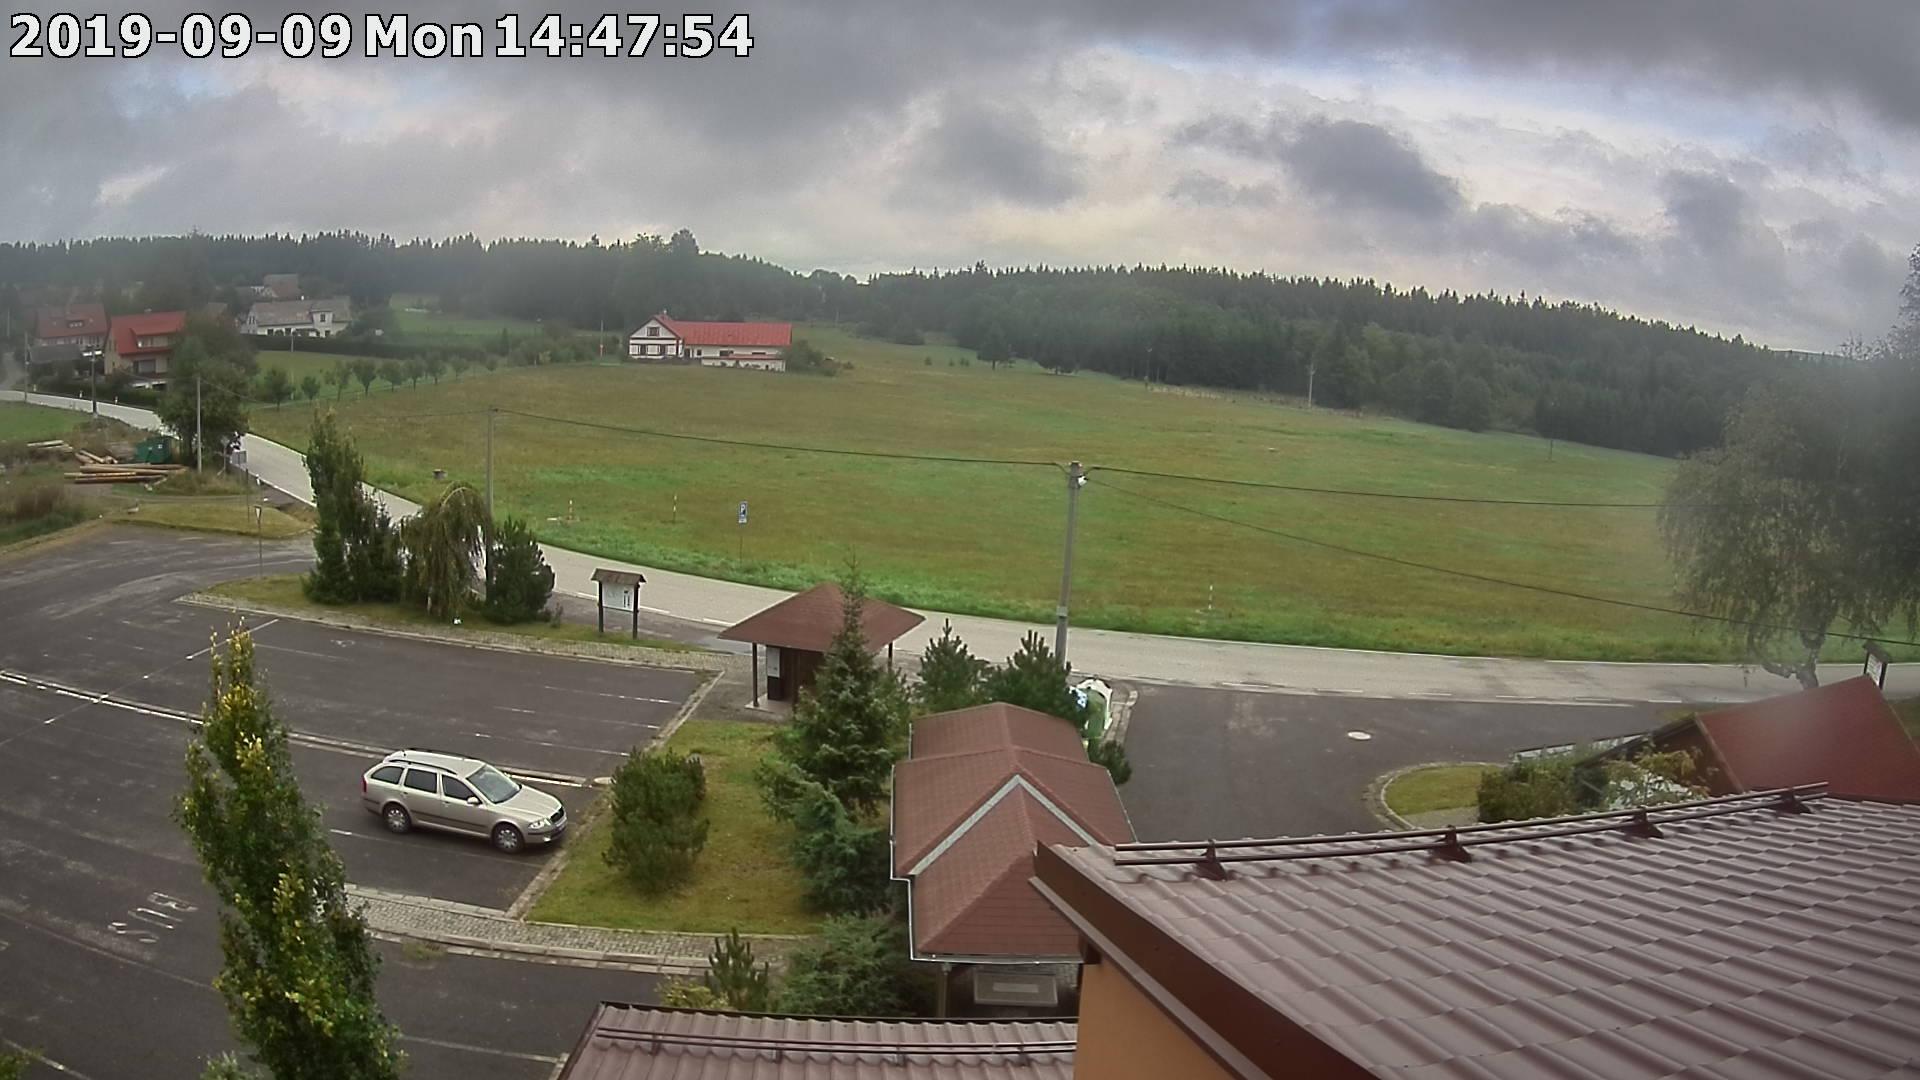 Webkamera ze dne 2019-09-09